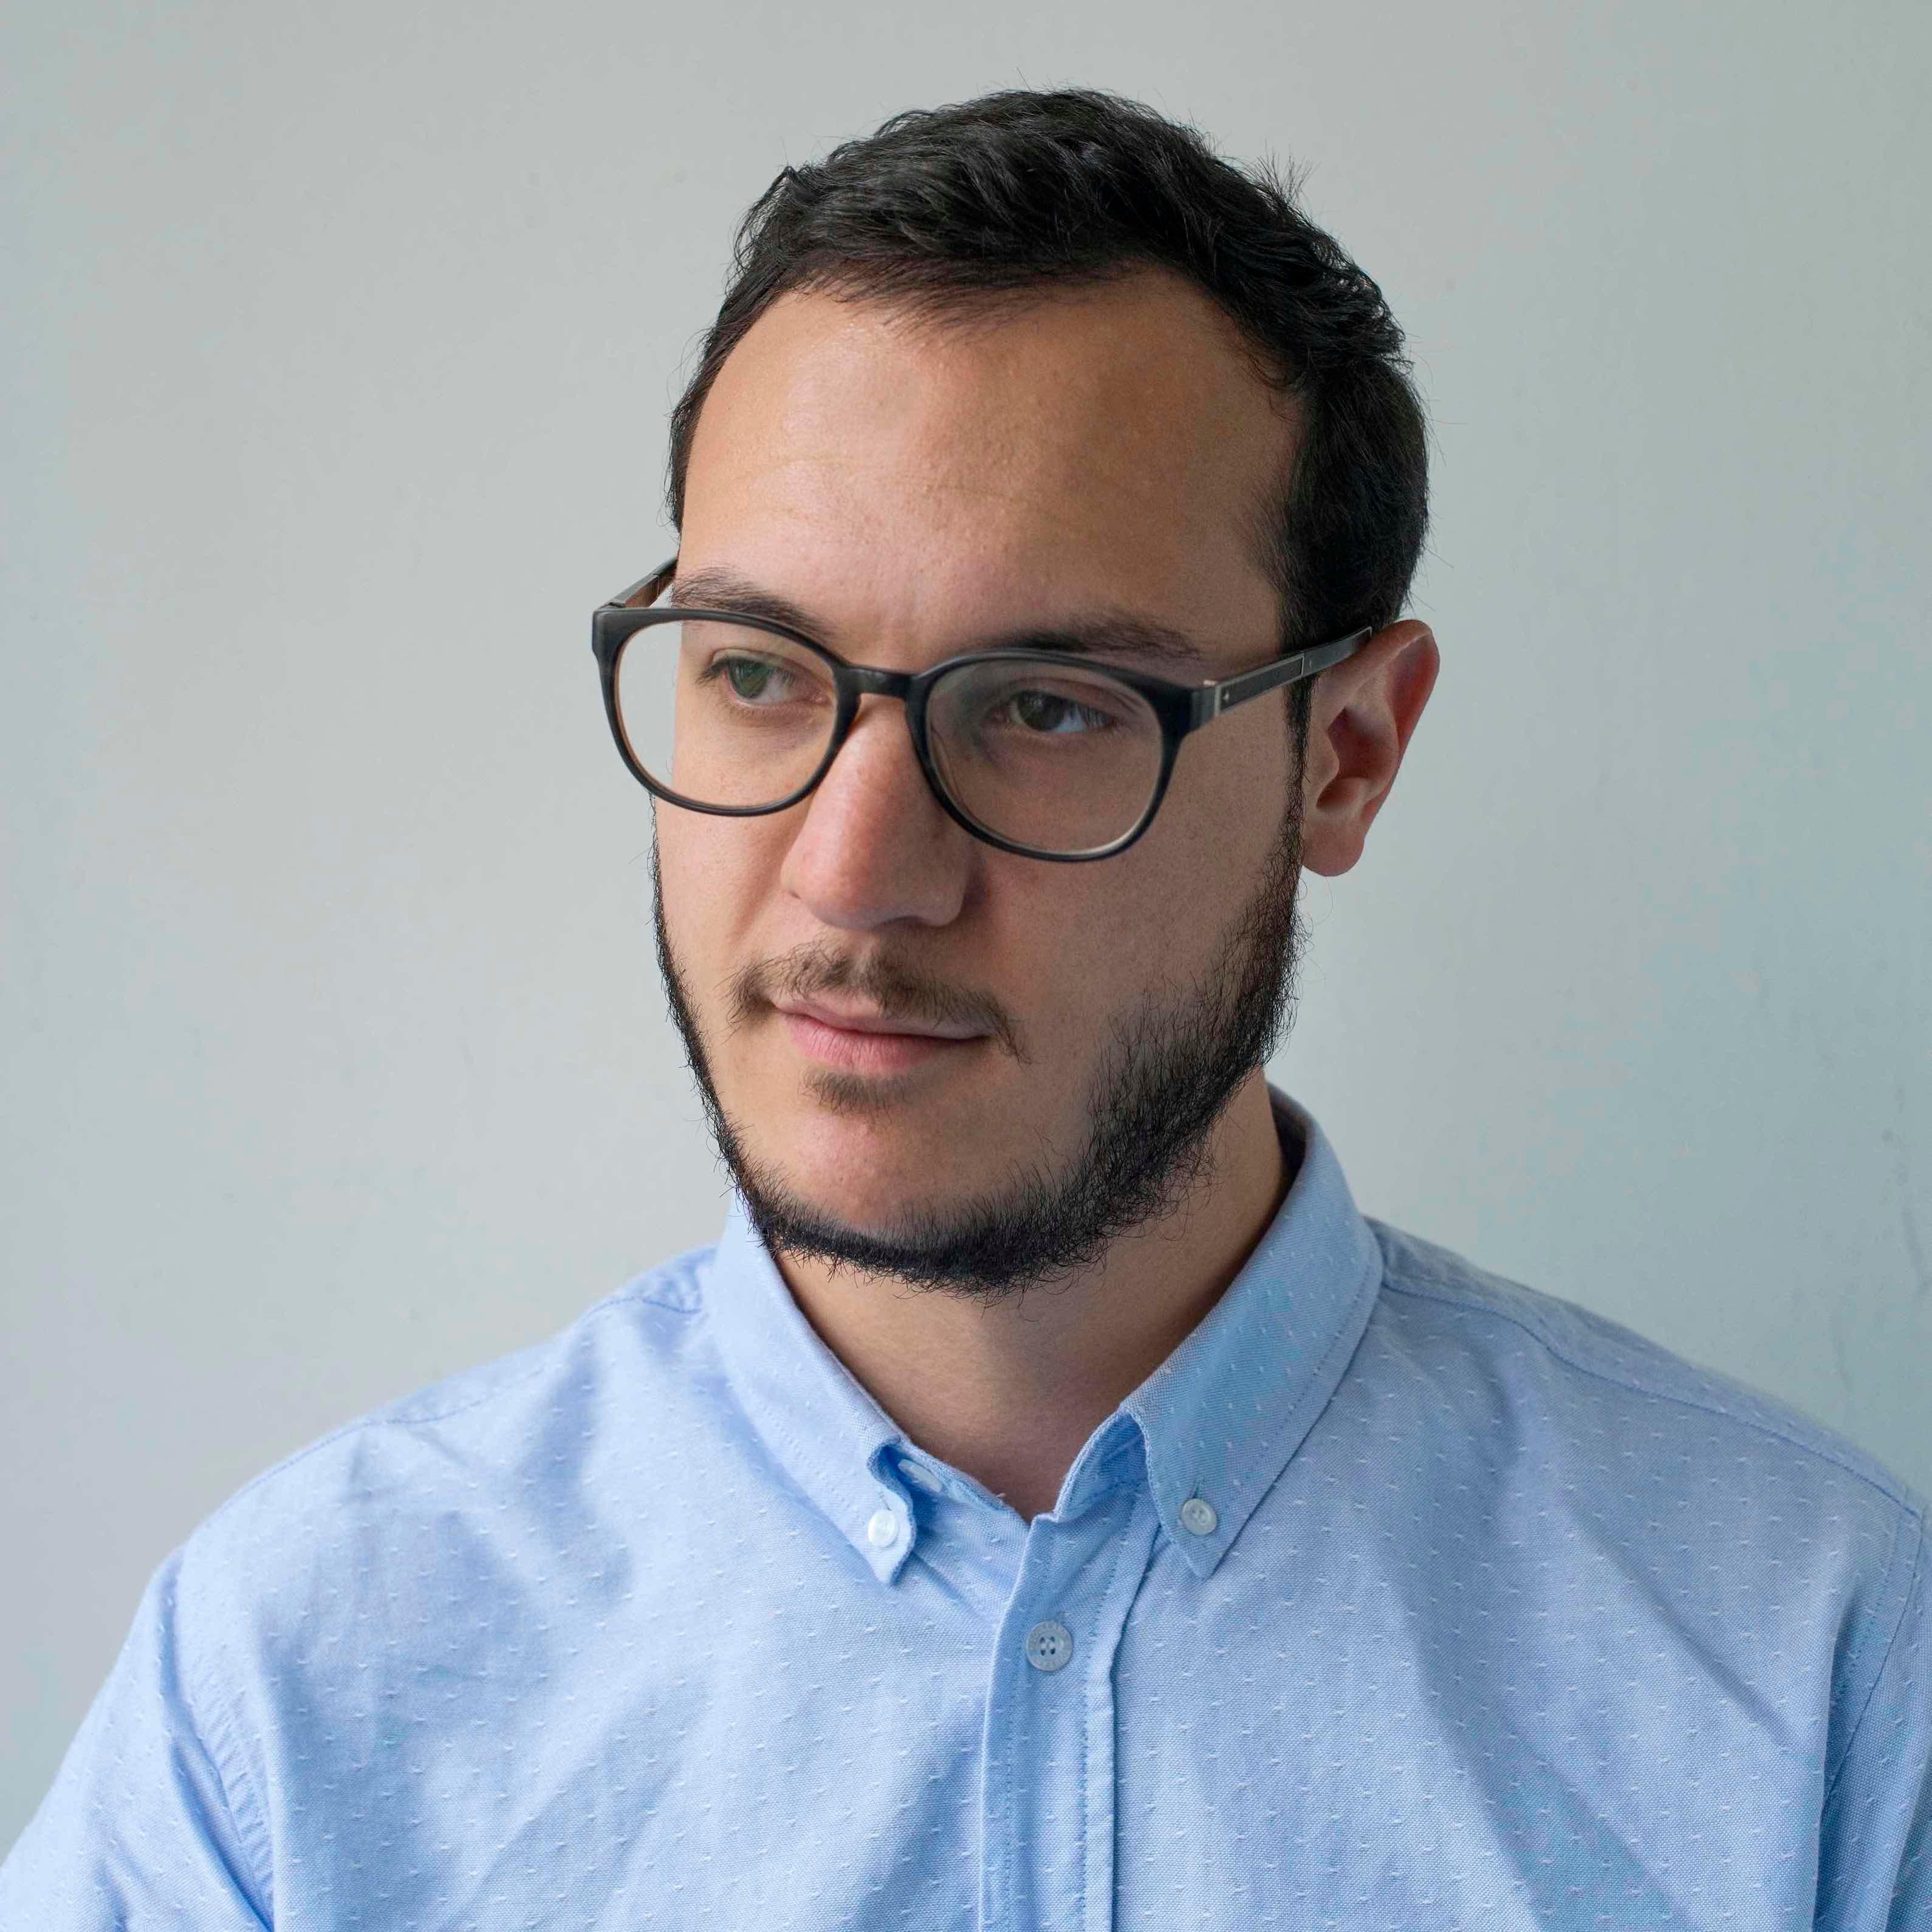 Martin Zack Mekkaoui martinzack